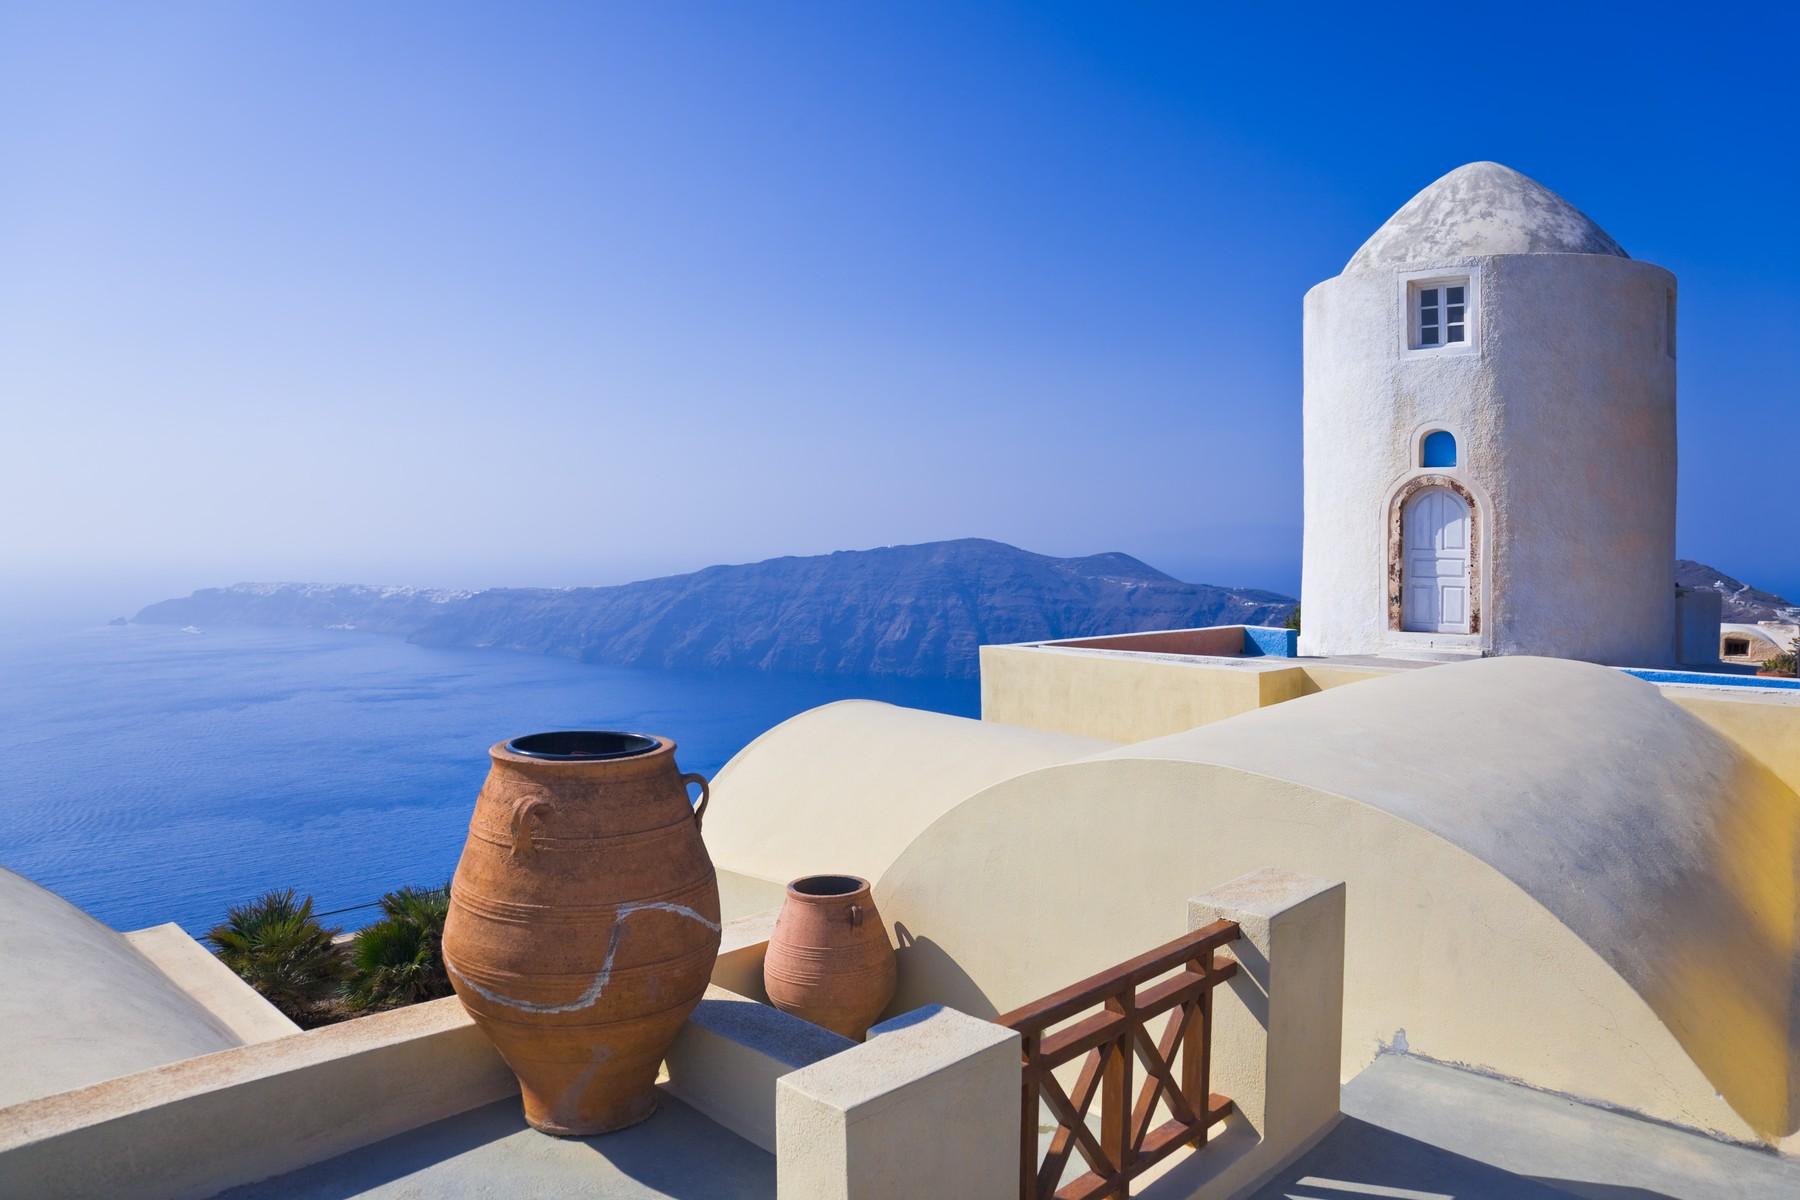 Ελληνογερμανική Ημερίδα για τις ΑΠΕ στον κλάδο του τουρισμού